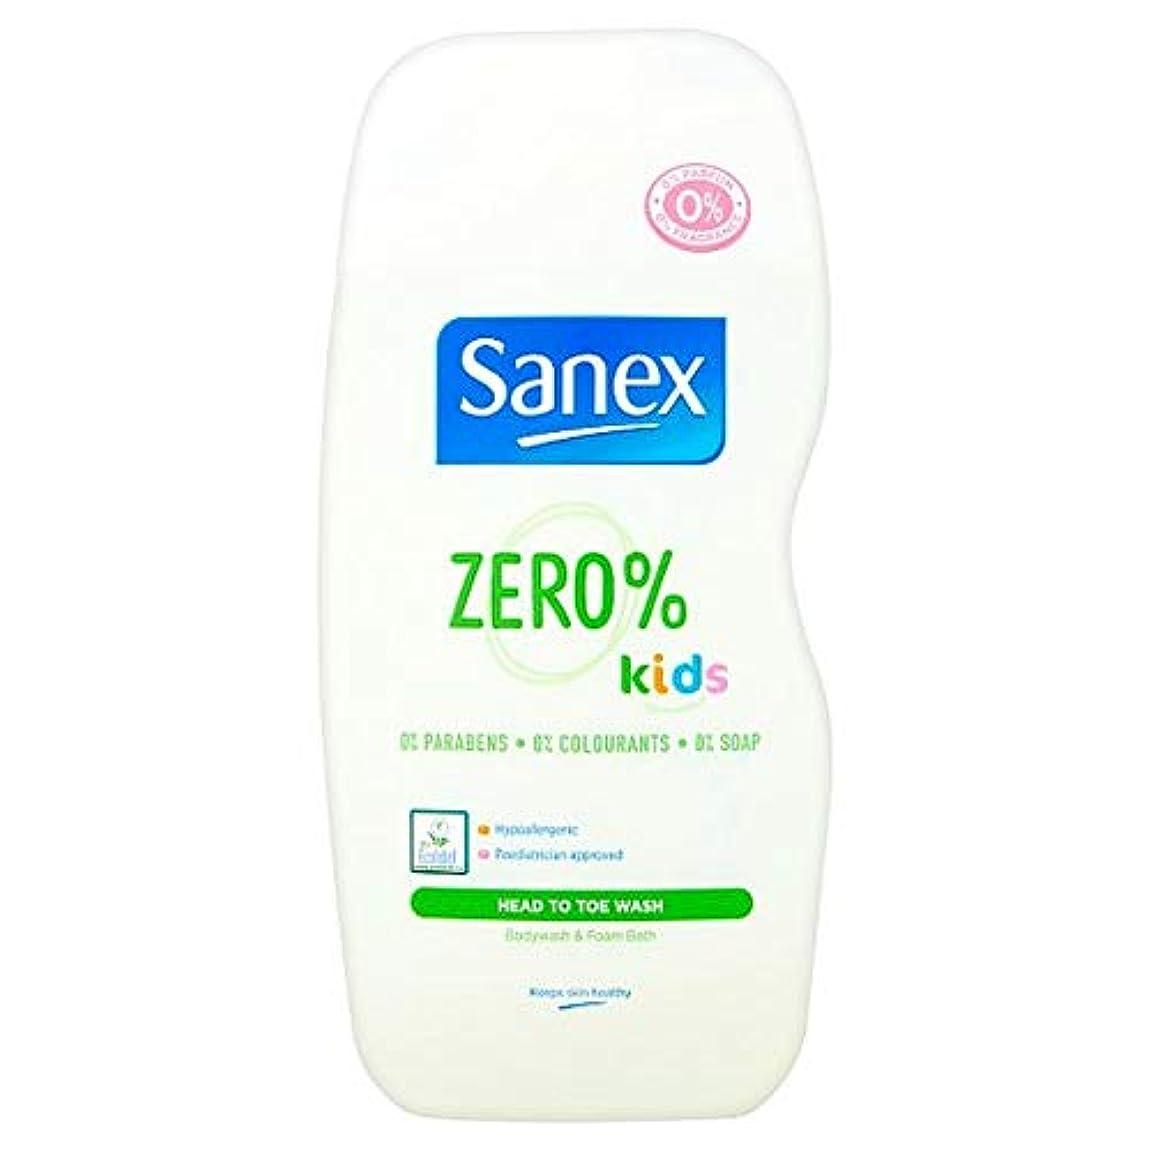 スコットランド人ブローホール道徳[Sanex] Sanexゼロ%キッズボディウォッシュとFoambath 500ミリリットル - Sanex Zero% Kids Body Wash And Foambath 500Ml [並行輸入品]